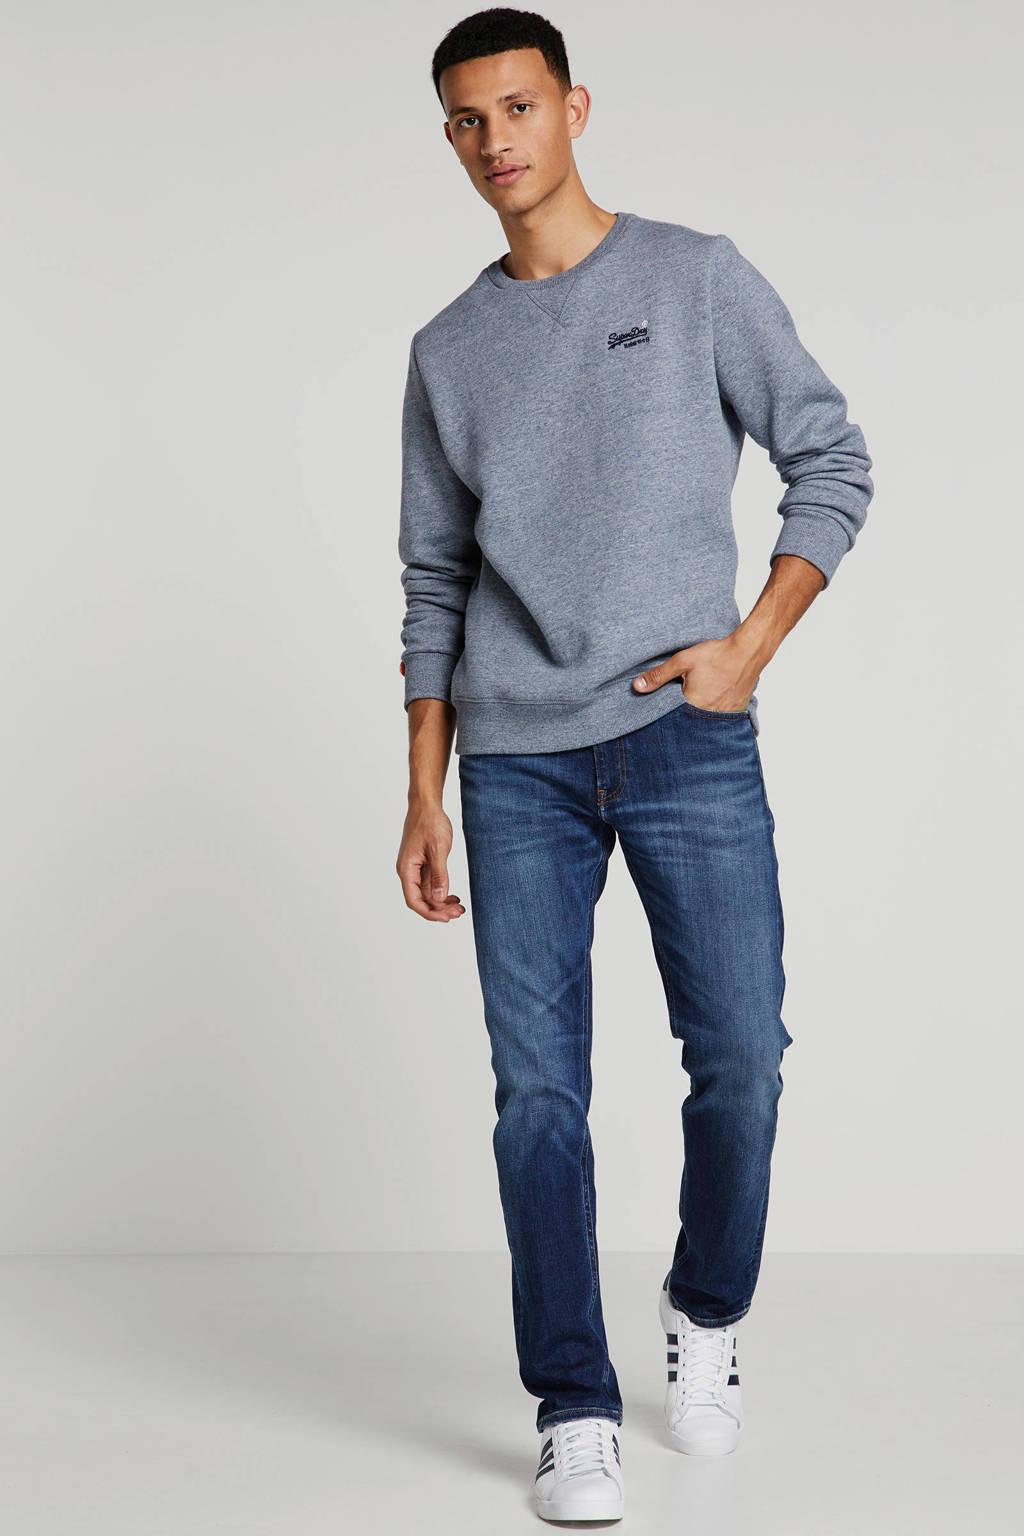 CALVIN KLEIN JEANS slim fit jeans 026 dark blue, Dark Blue